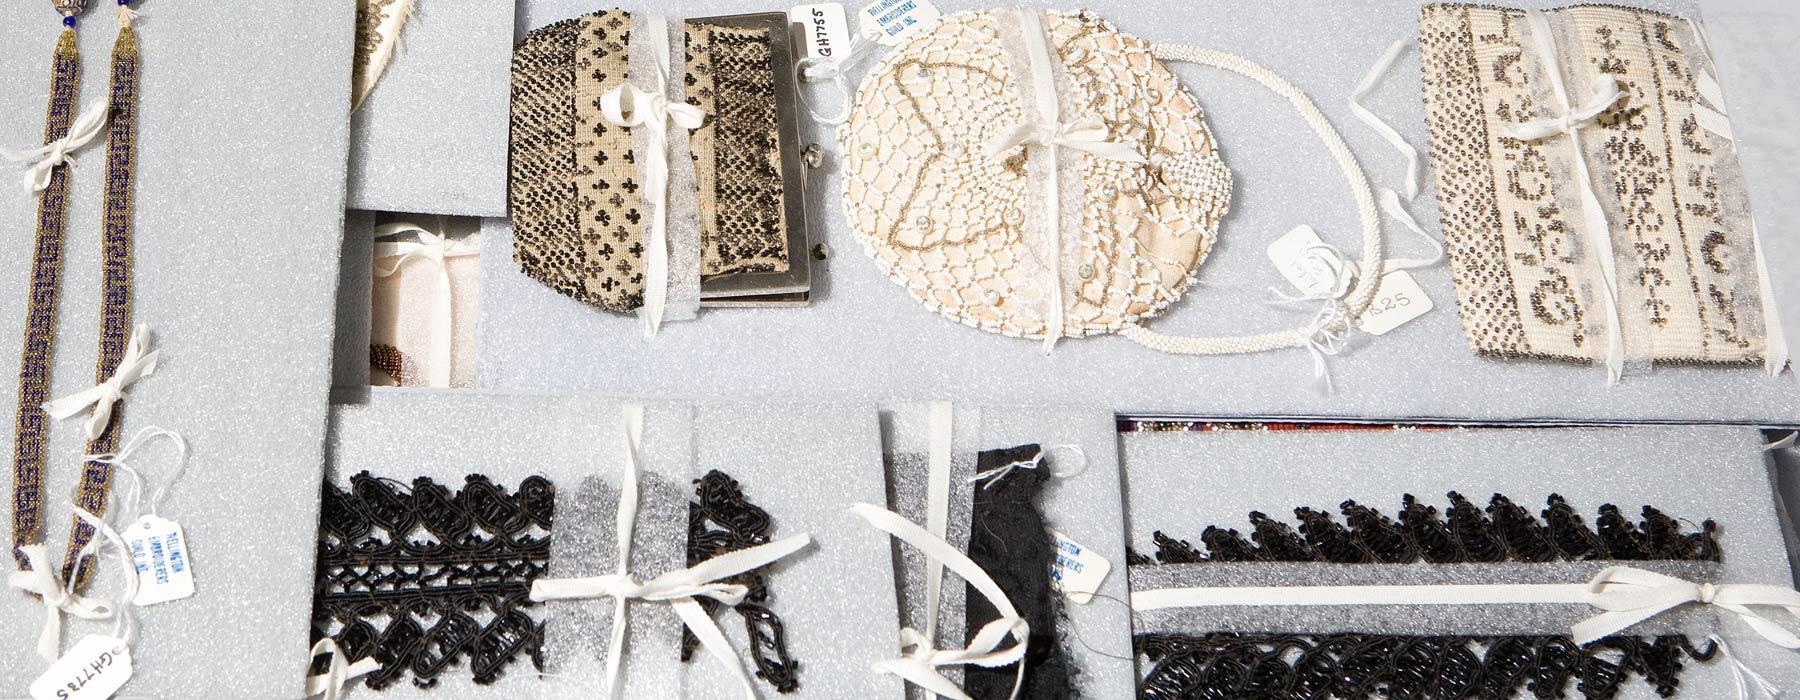 Textiles in flat storage at Te Papa